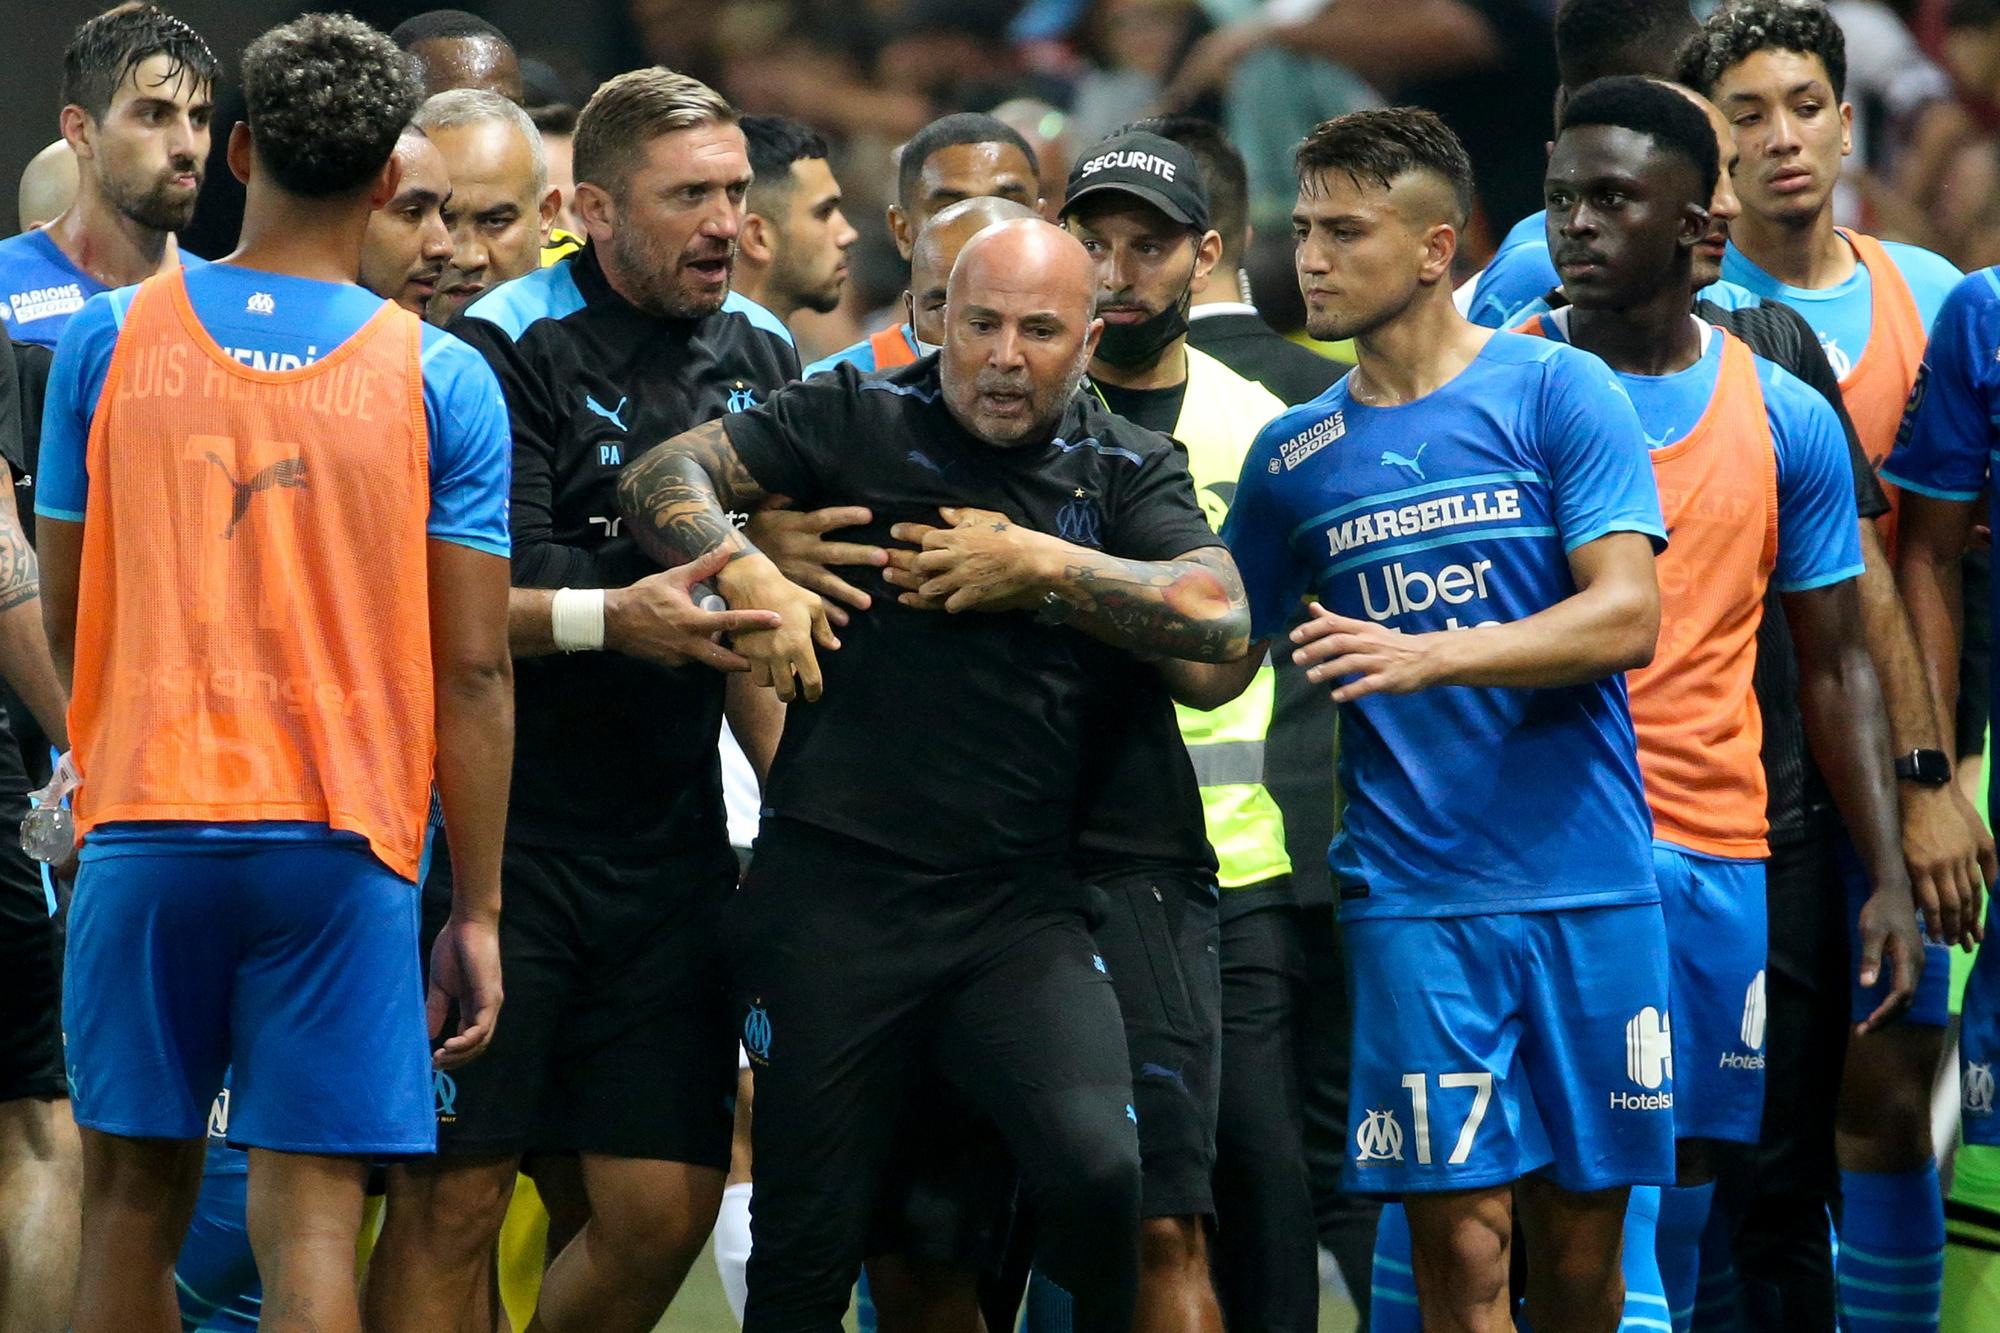 Ook bij binnengaan moest Marseillecoach Jorge Sampaoli nog tot de orde worden geroepen., GETTY